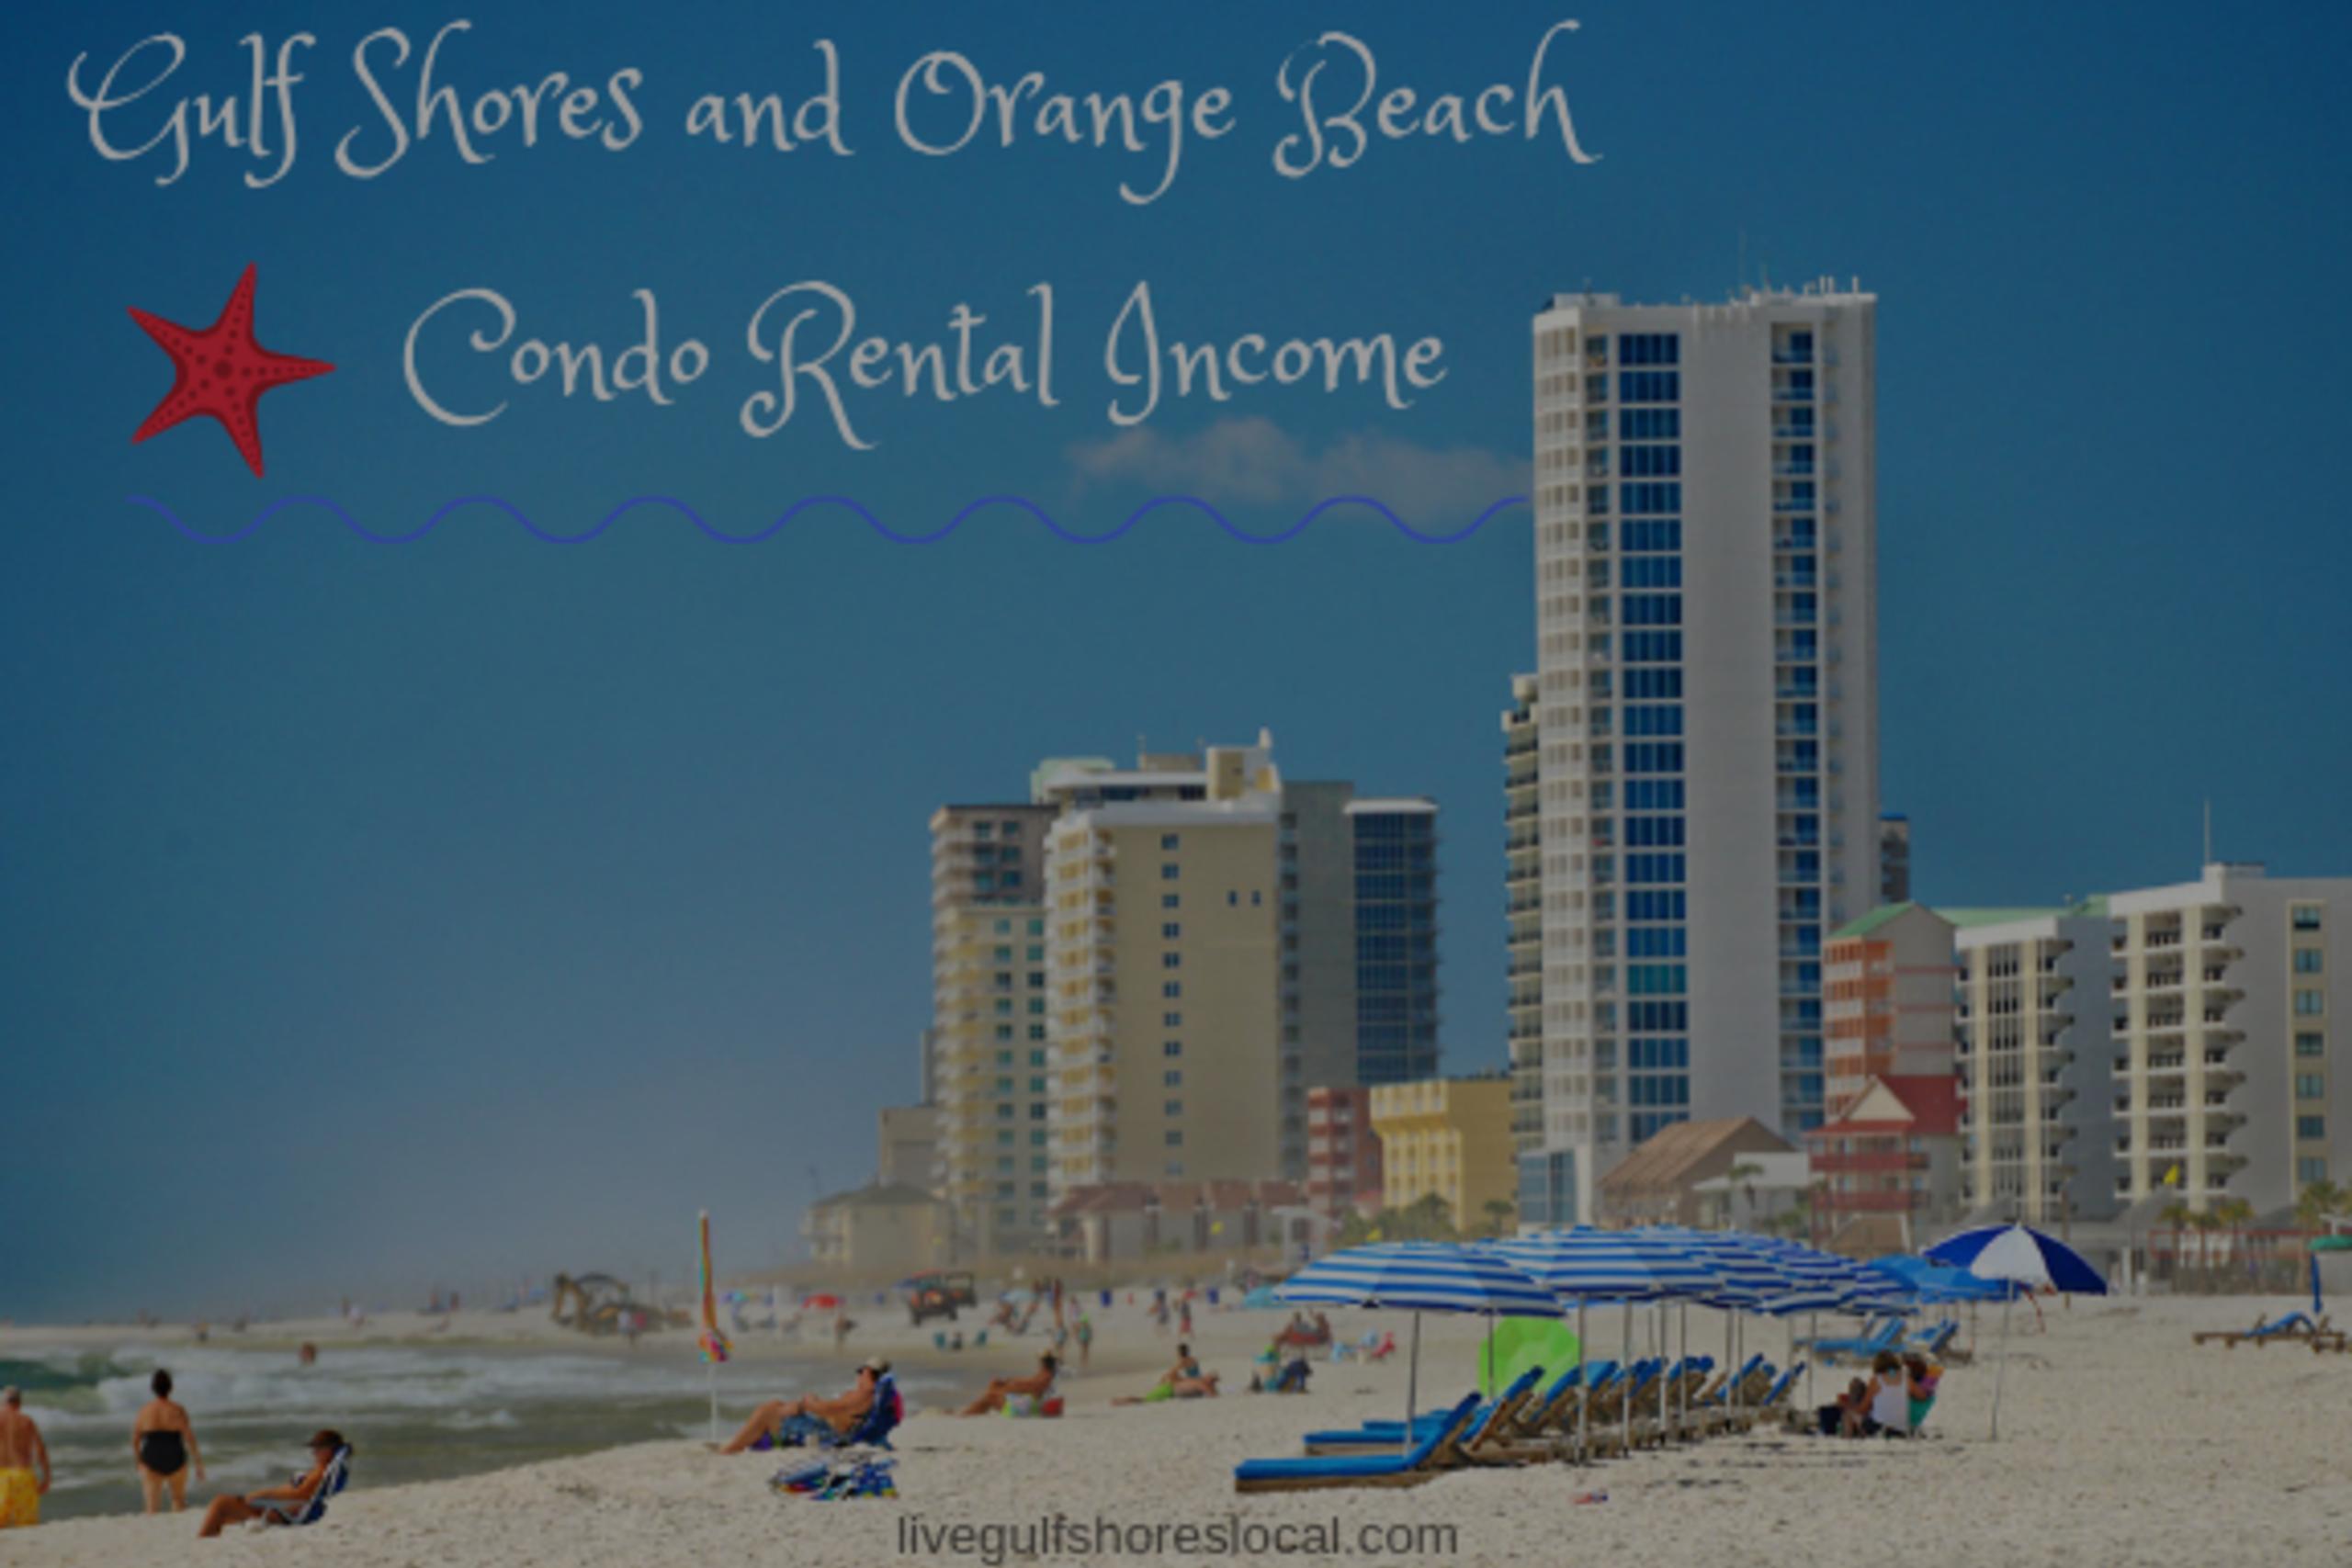 Gulf Shores and Orange Beach Condo Rental Income